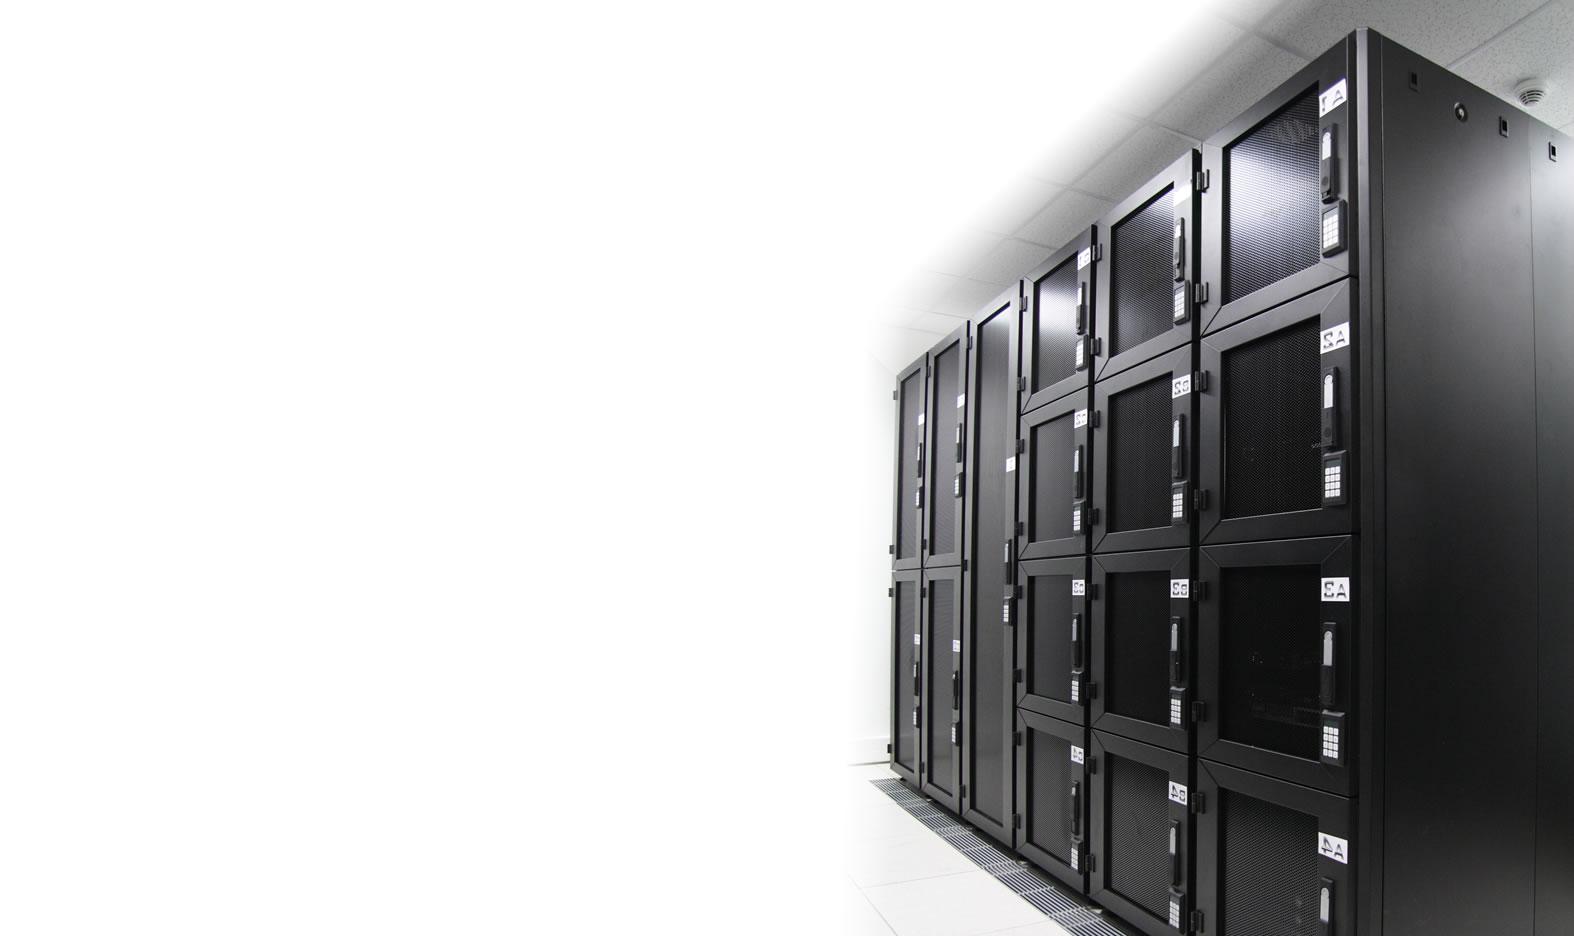 Salle informatique moduldatacenter